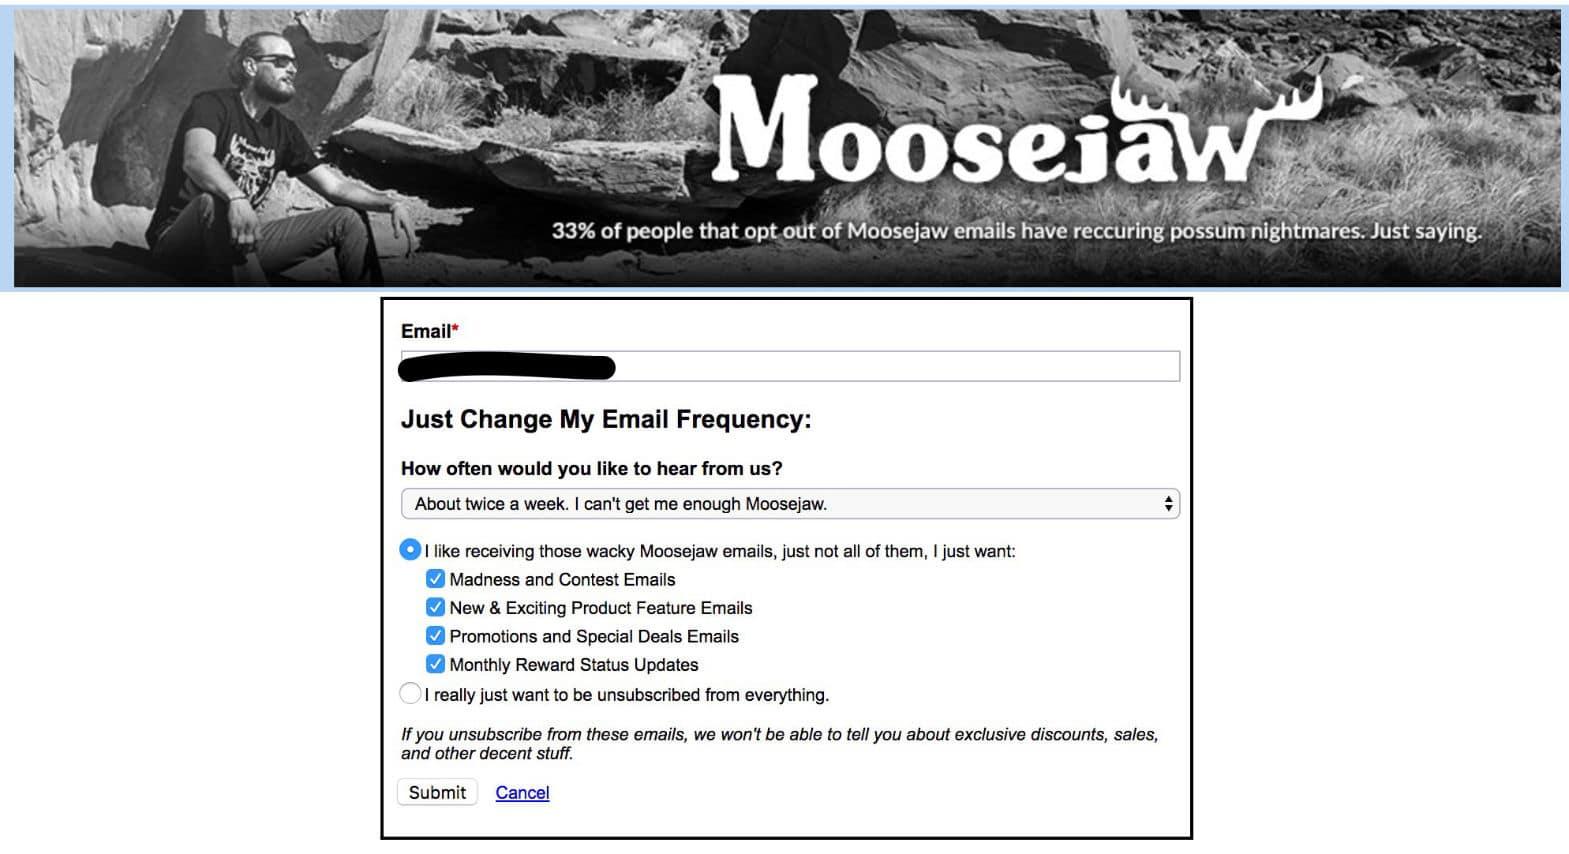 Fréquence des e-mails